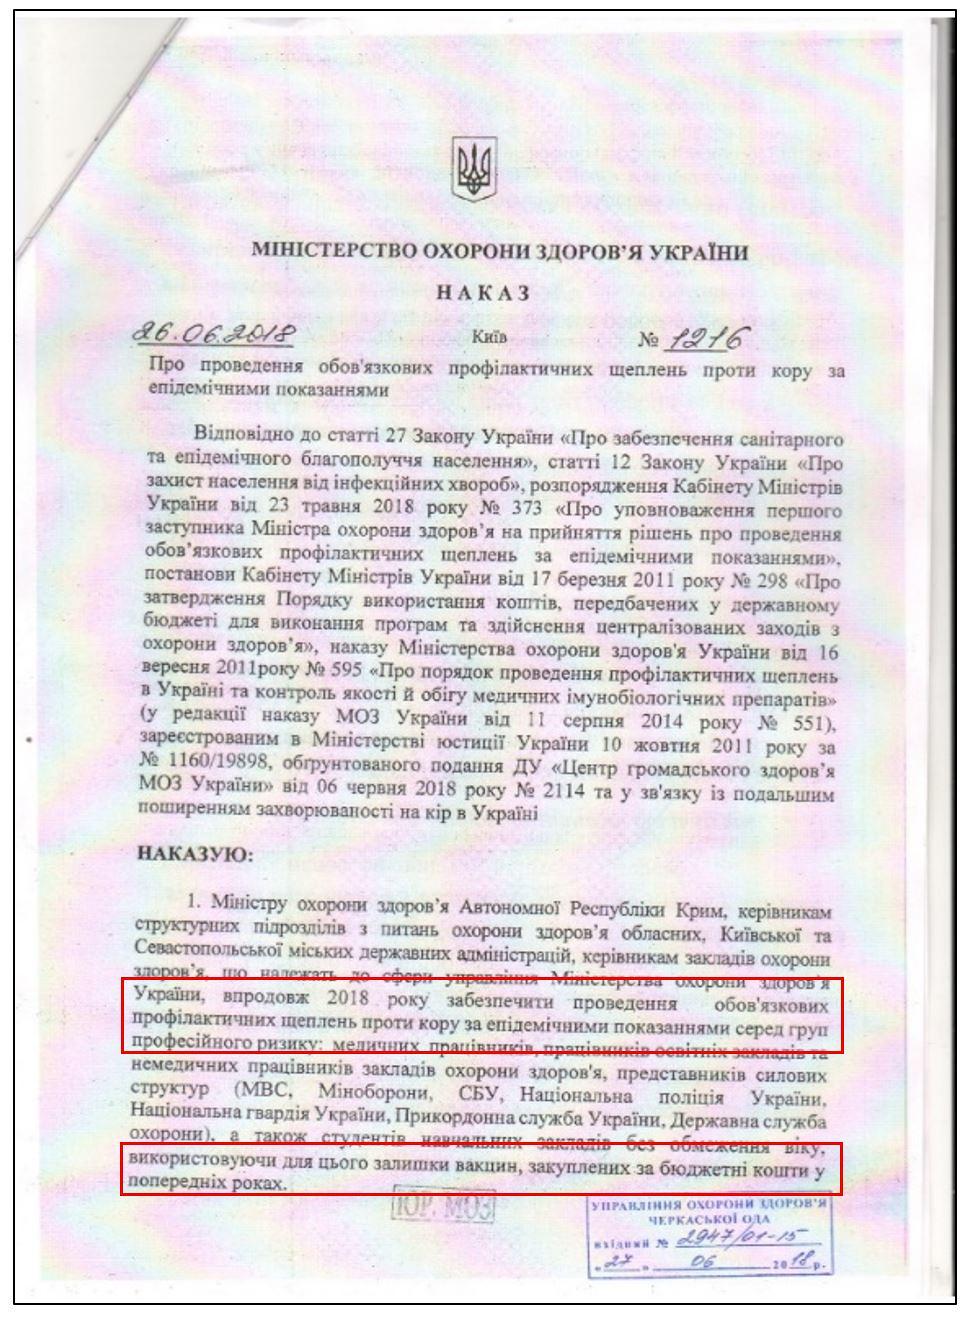 Ordre du ministère ukrainien de la Santé n° 1216